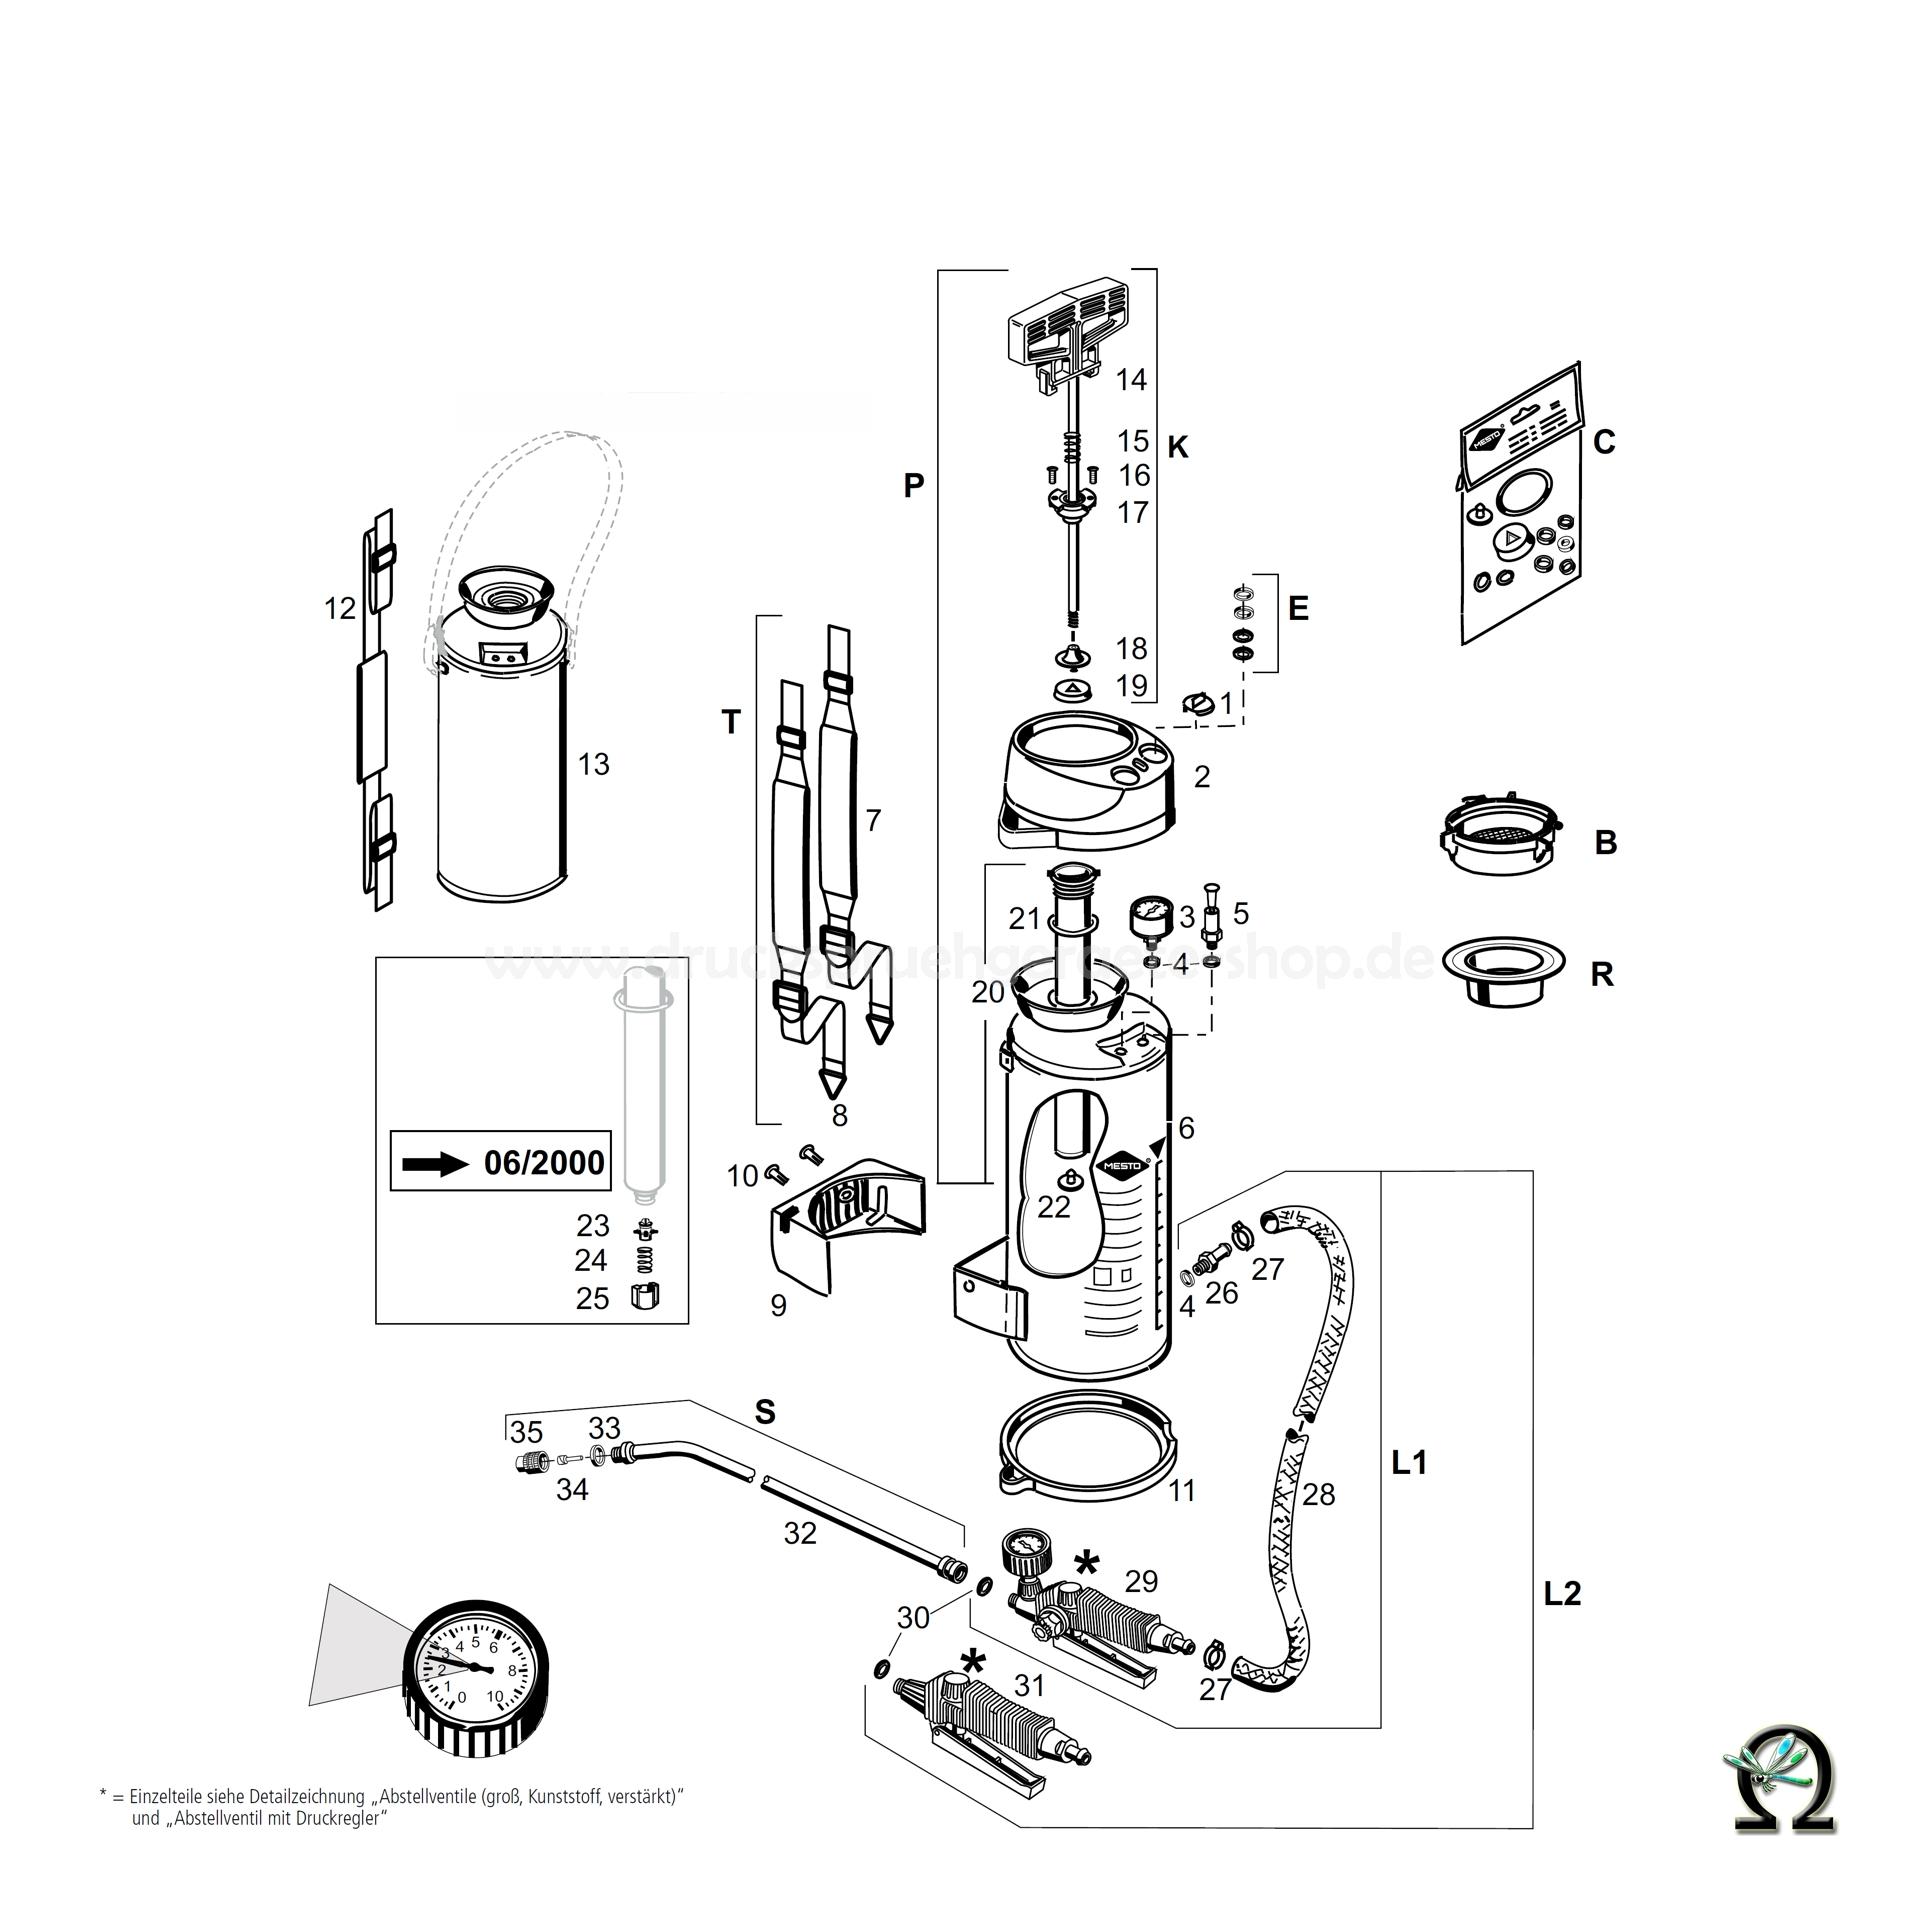 MESTO Hochdrucksprühgerät 3580 FERRUM - 10 Liter, Zeichnung der Einzelteile